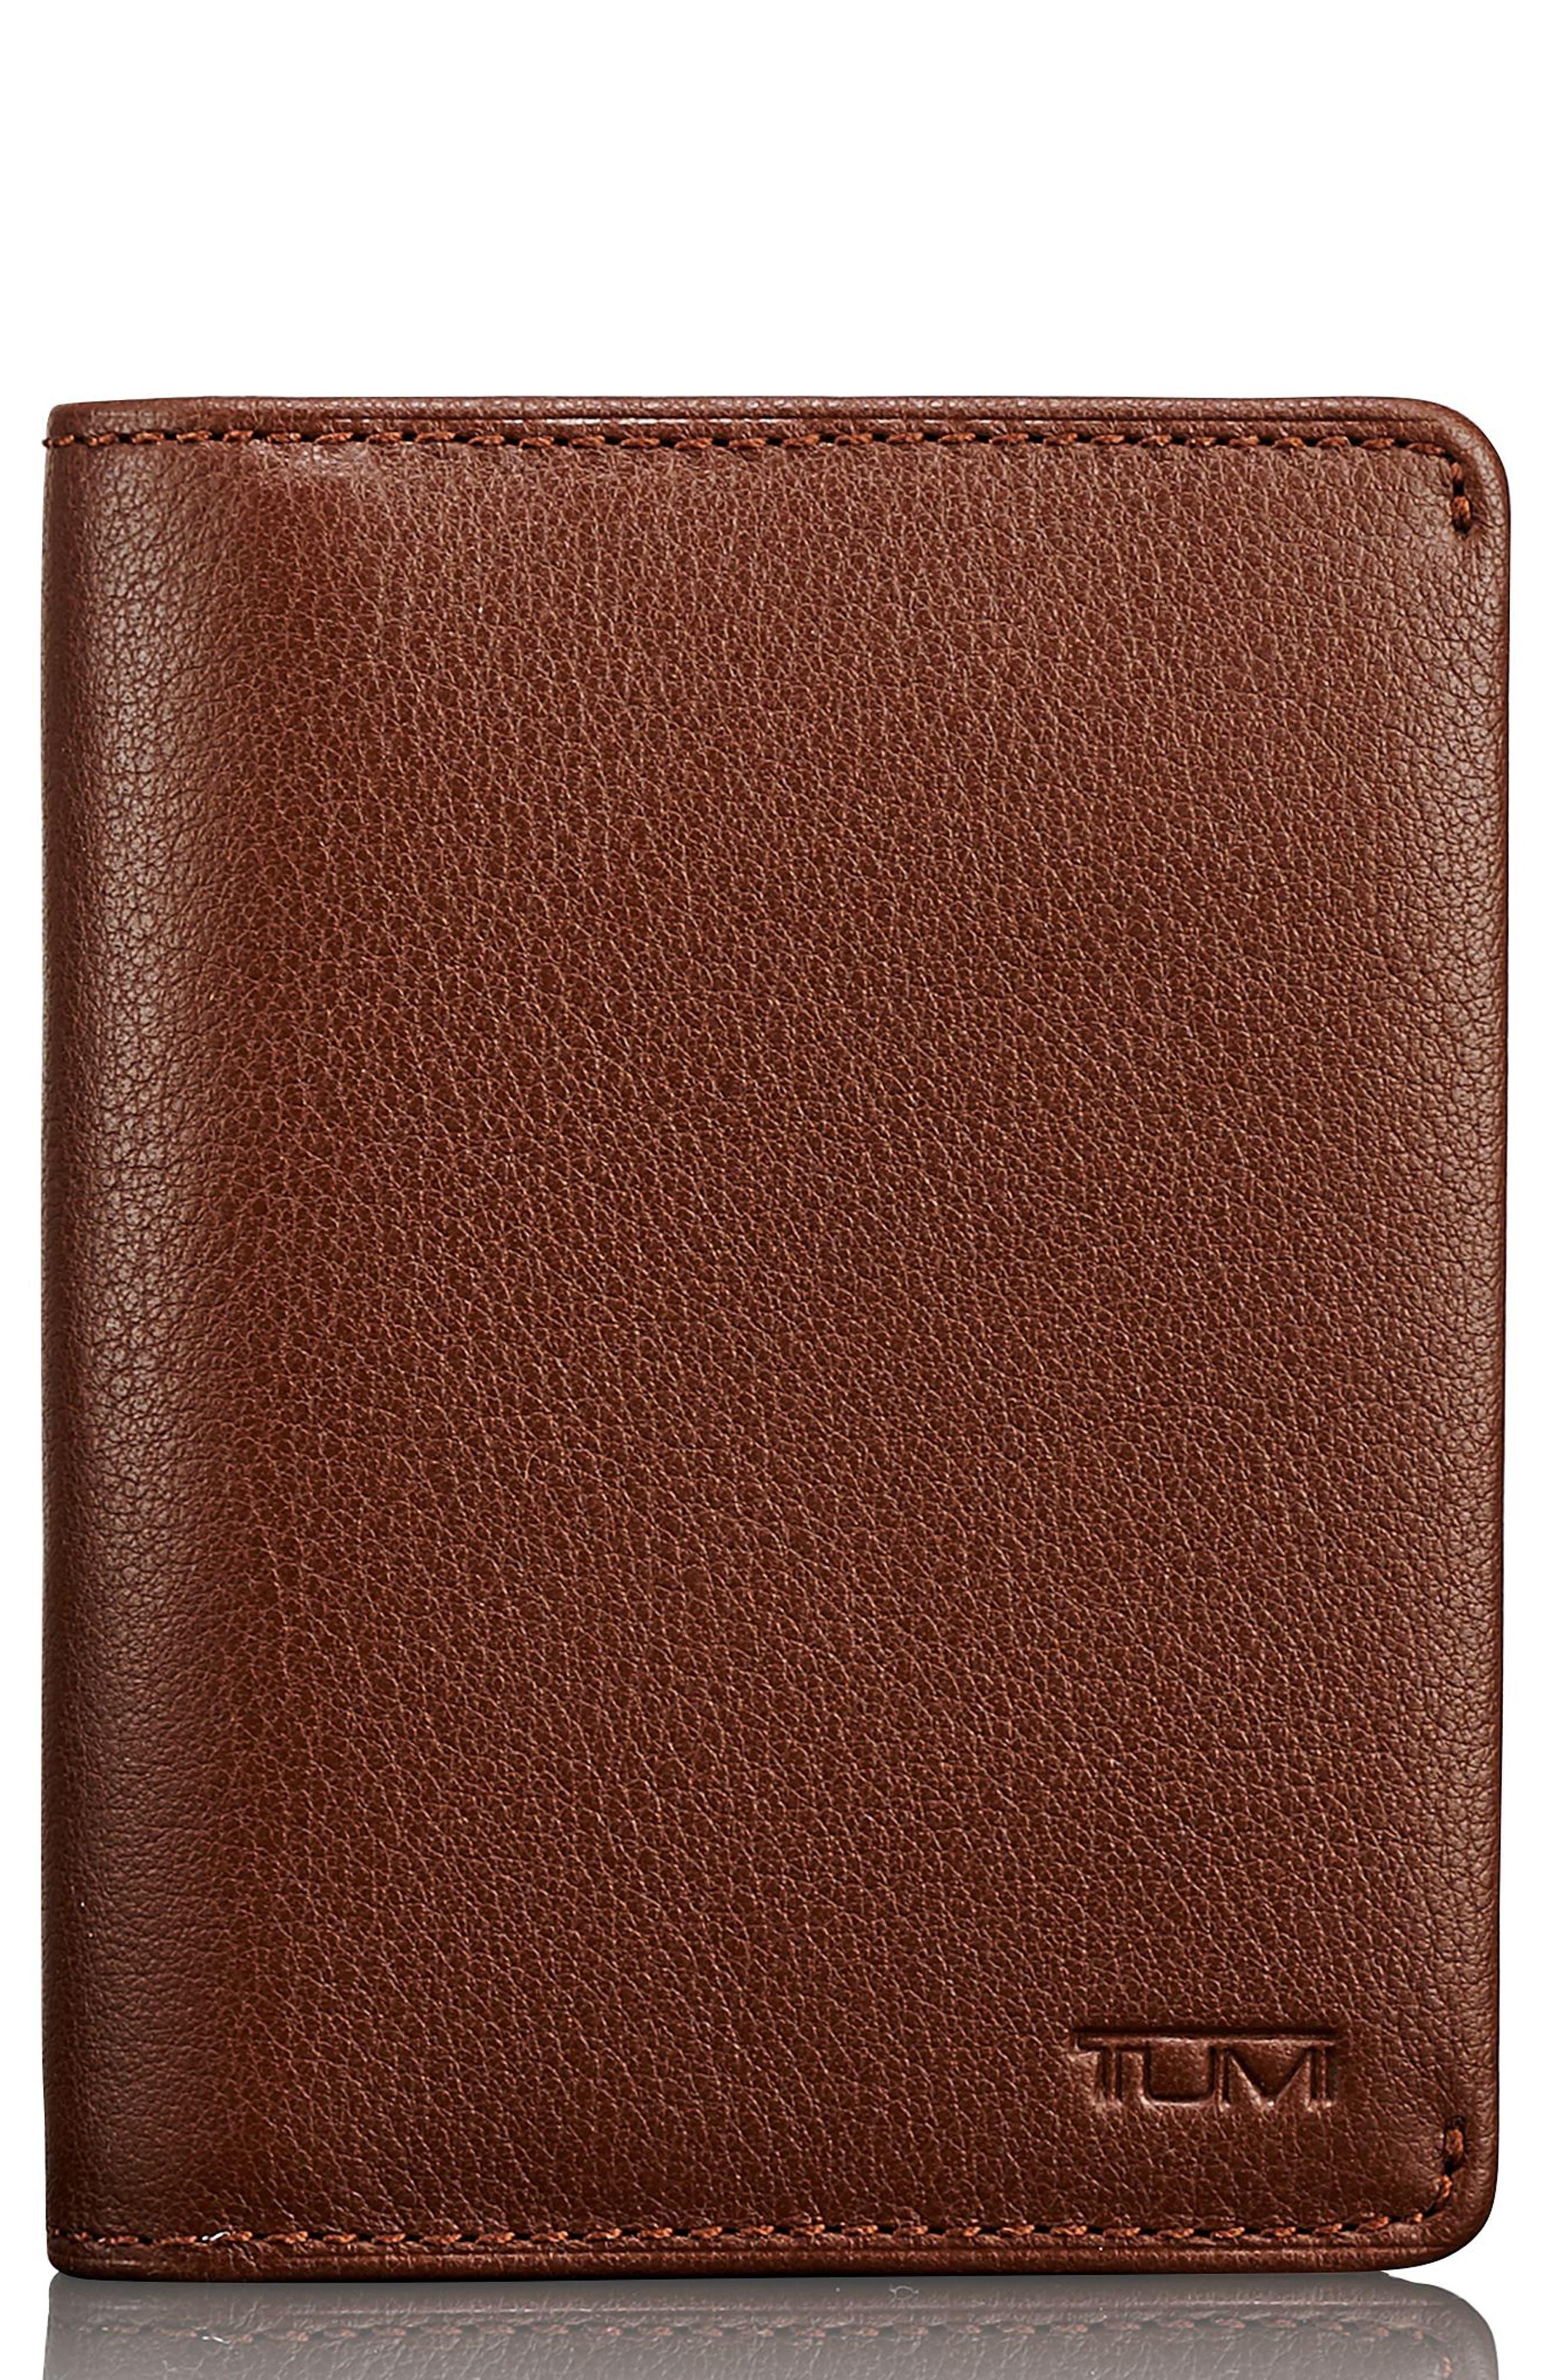 Main Image - Tumi Leather Card Case